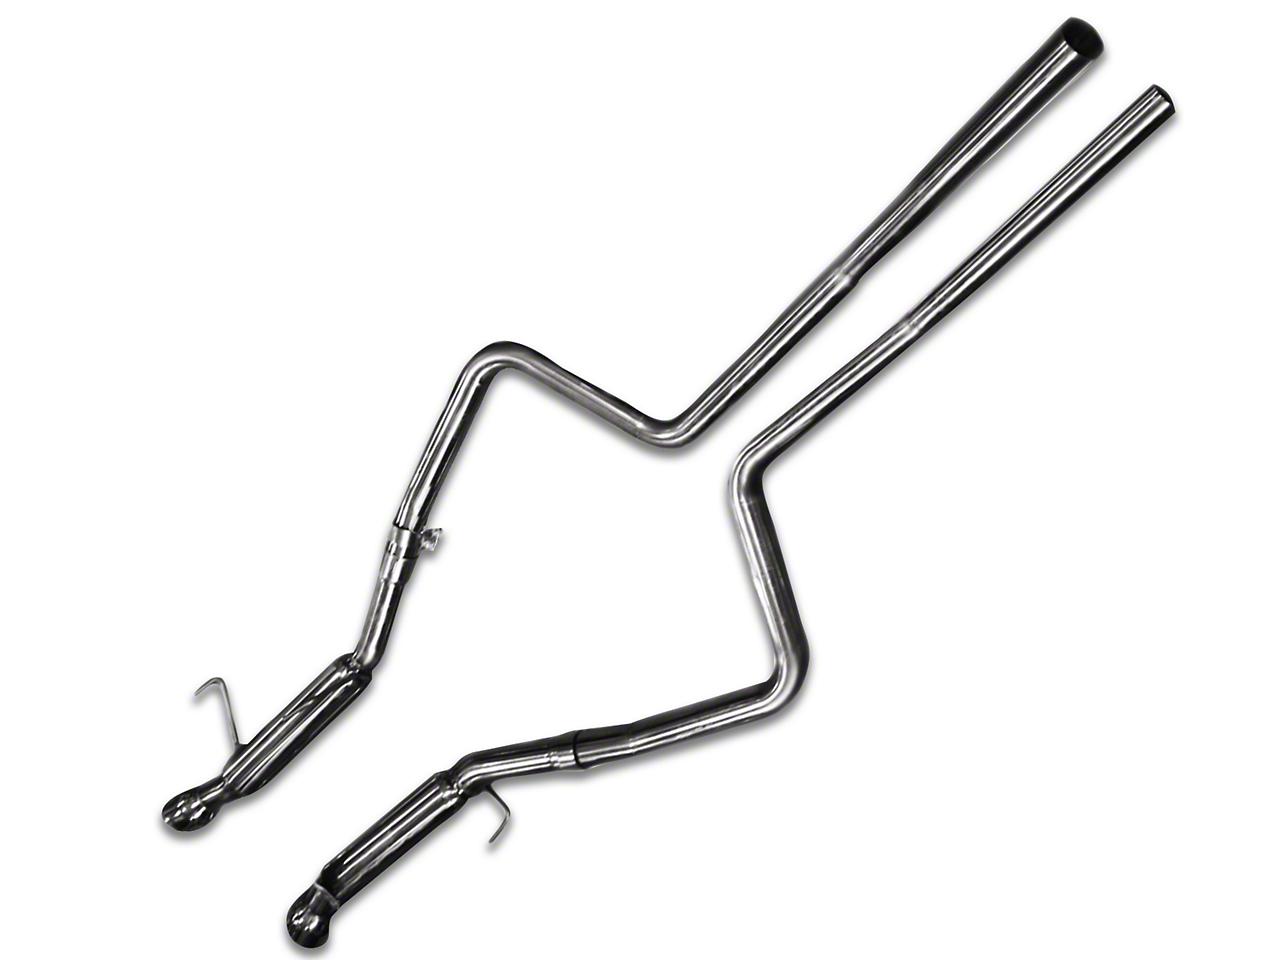 Kooks 2.5 in. Cat-Back Exhaust (2010 GT, GT500)